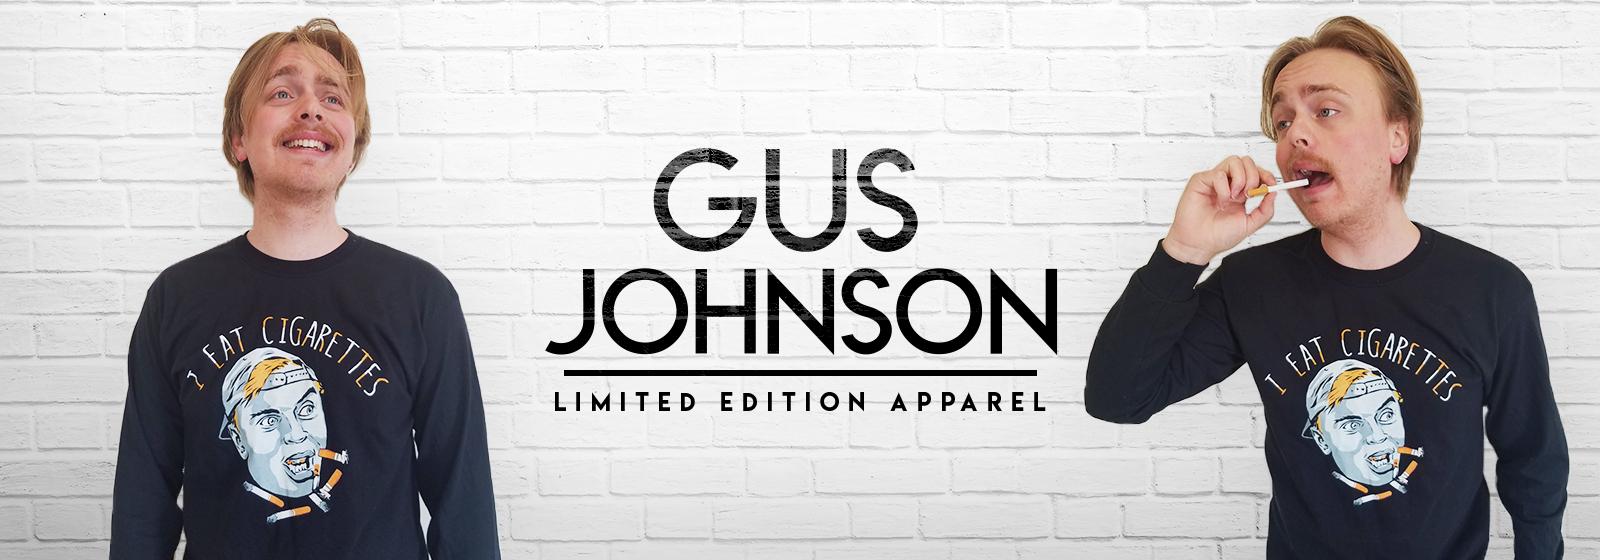 Gus Johnson's Store Store